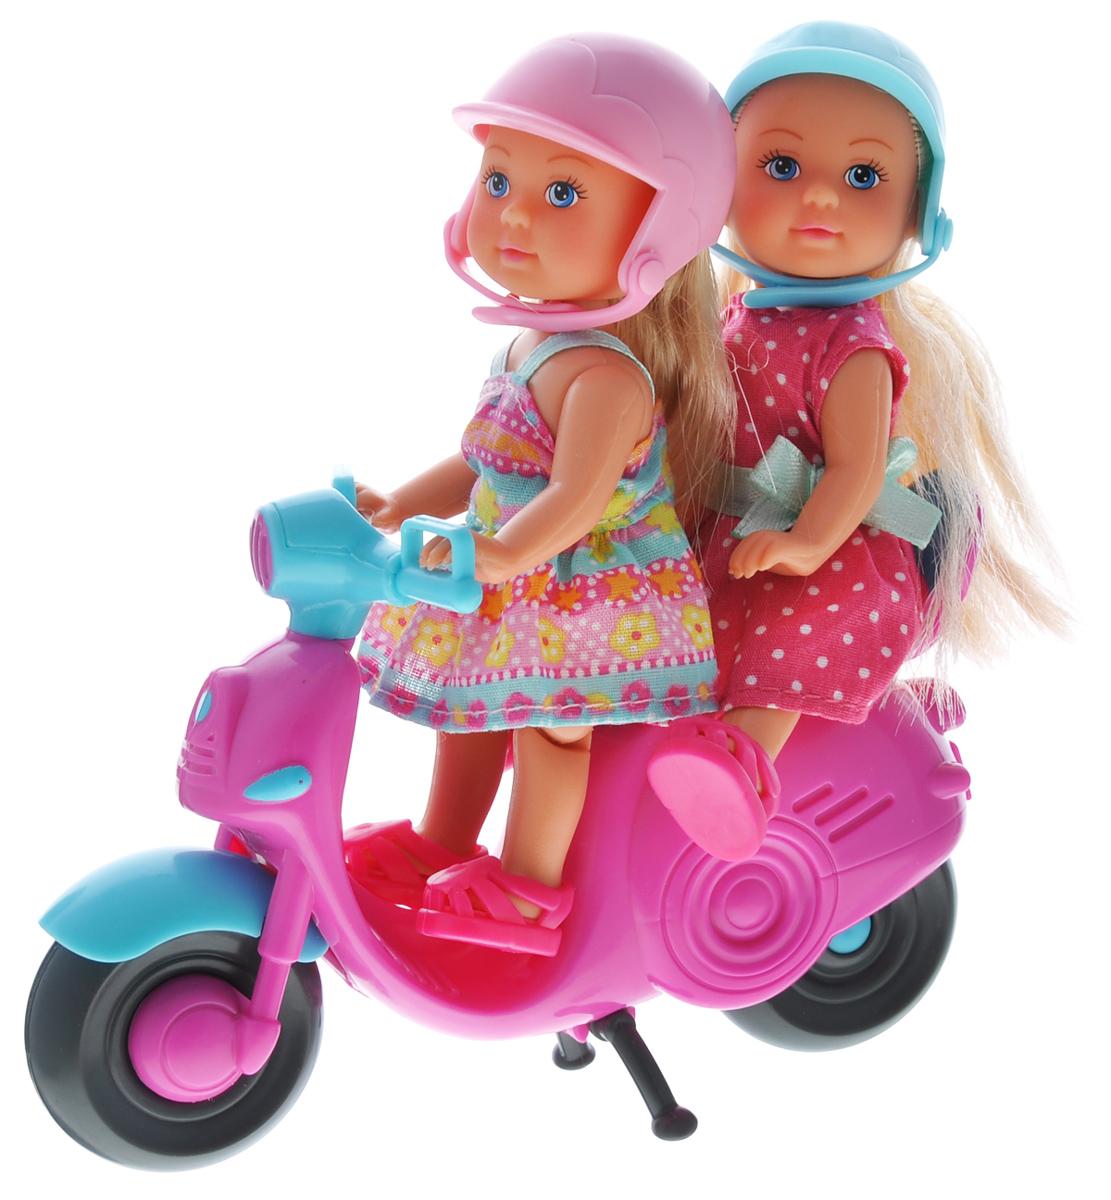 Simba Игровой набор с мини-куклами Evi Love Scooter Fun5730485Игровой набор Еви на мотороллере не оставит равнодушной ни одну девочку. Крошка Еви с подружкой путешествуют на ярком, розовом мотороллере. Куколки с длинными светлыми волосами одеты в платья и шлемы - розовый и голубой. На ножках - розовые сандалики. Одежда и обувь у кукол снимаются, ручки, ножки и голова подвижны. Набор включает две куклы в шлемах и мотороллер. Благодаря маленьким размерам элементов набора ваша малышка сможет брать его с собой на прогулку или в гости. Порадуйте ее таким замечательным подарком!